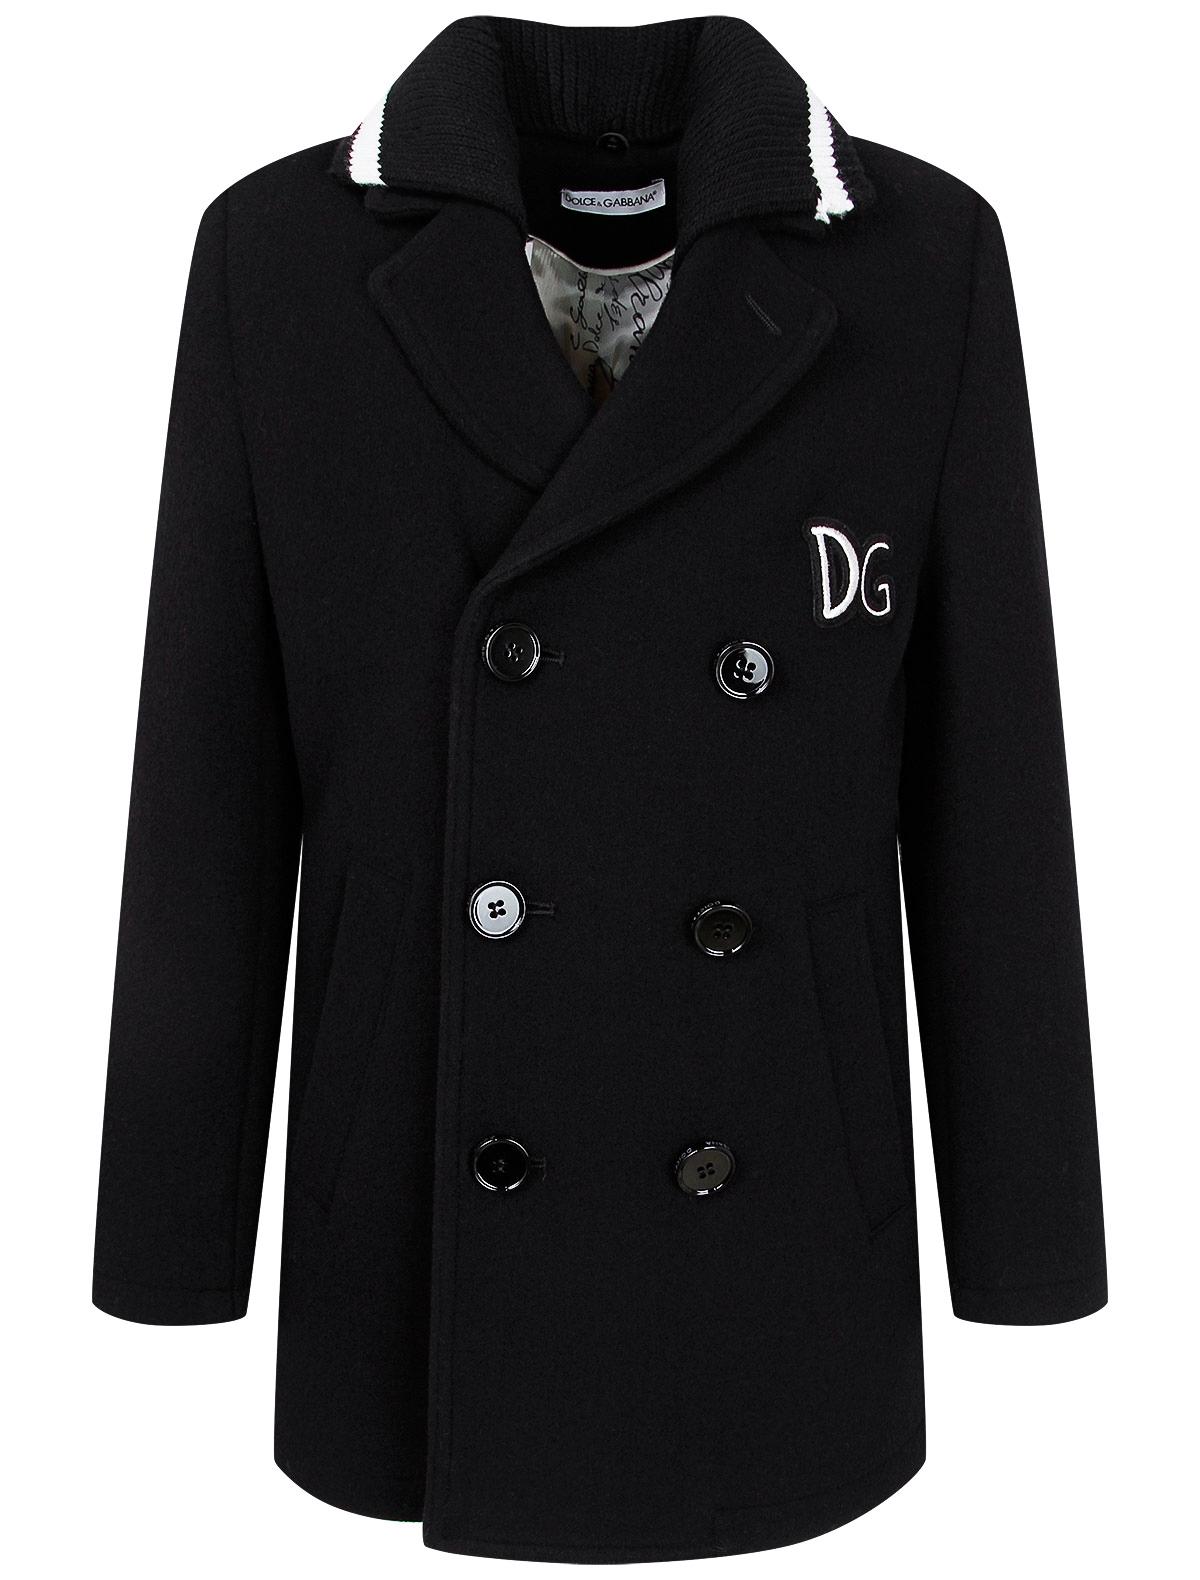 Купить 2263807, Пальто Dolce & Gabbana, черный, Мужской, 1124519080595